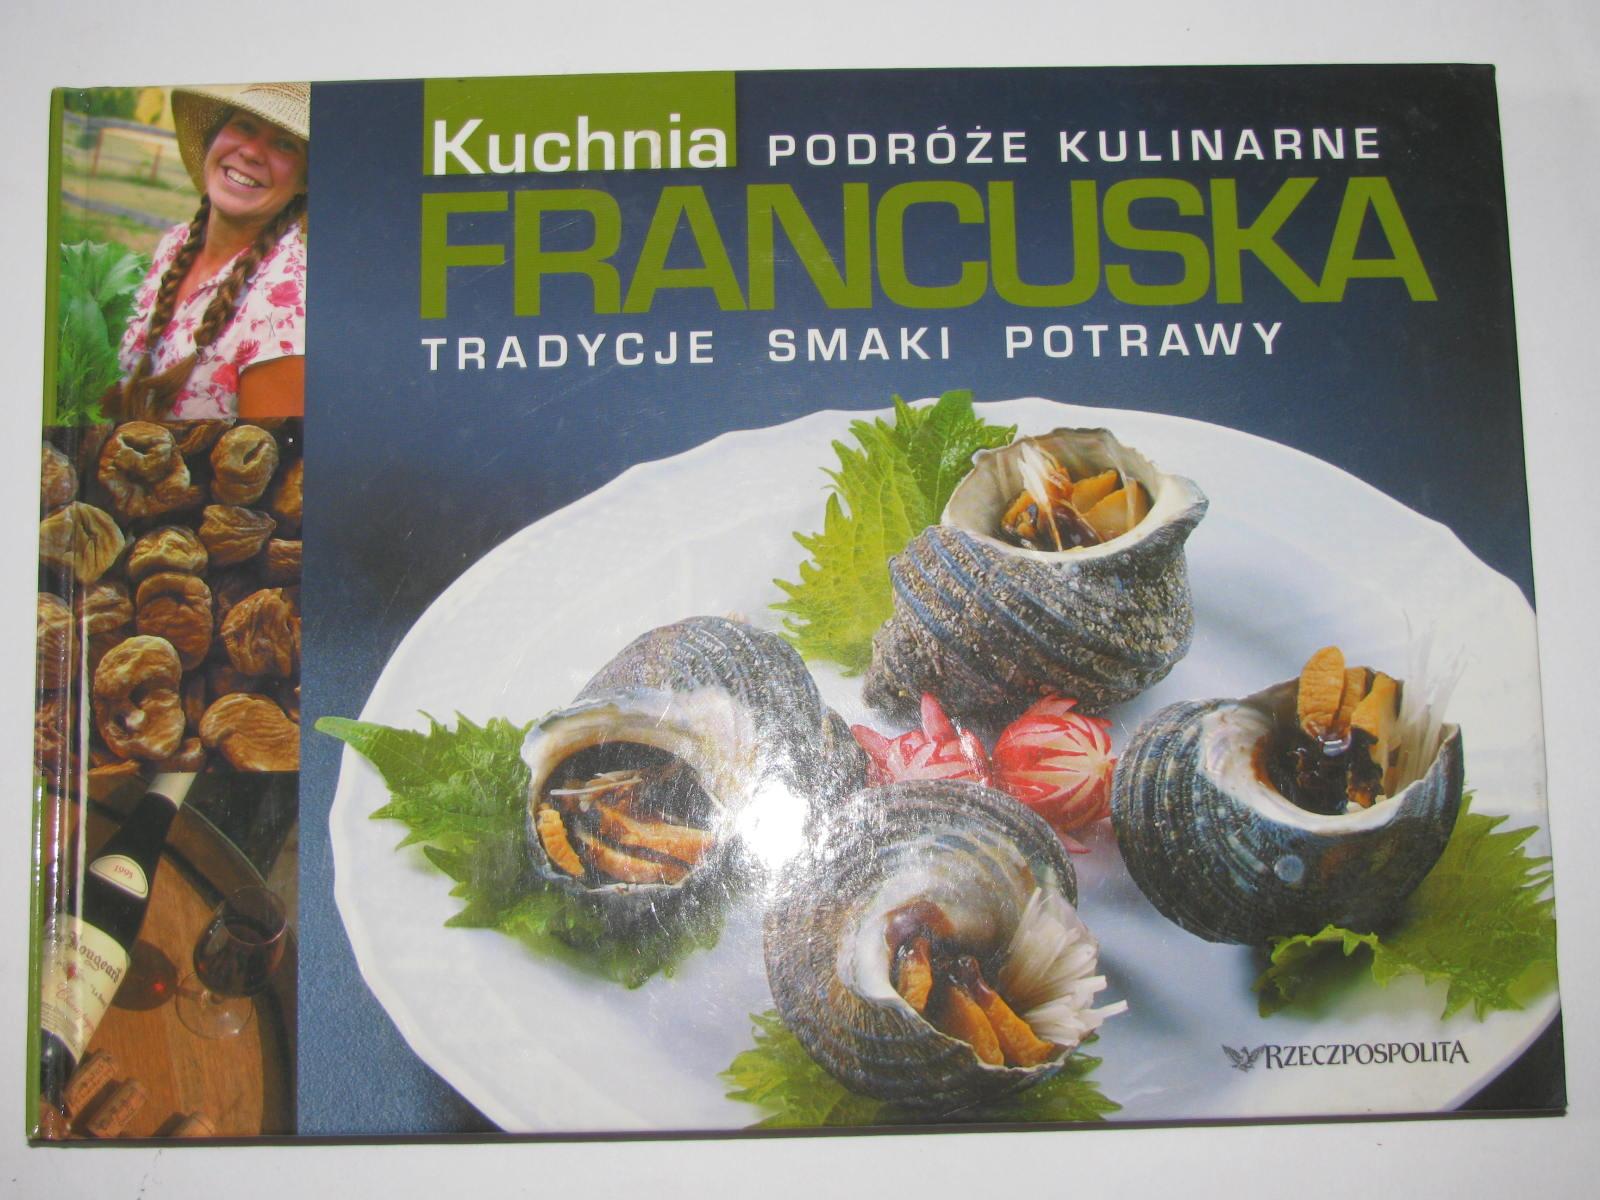 Kuchnia Francuska Podróże Kulinarne T 4